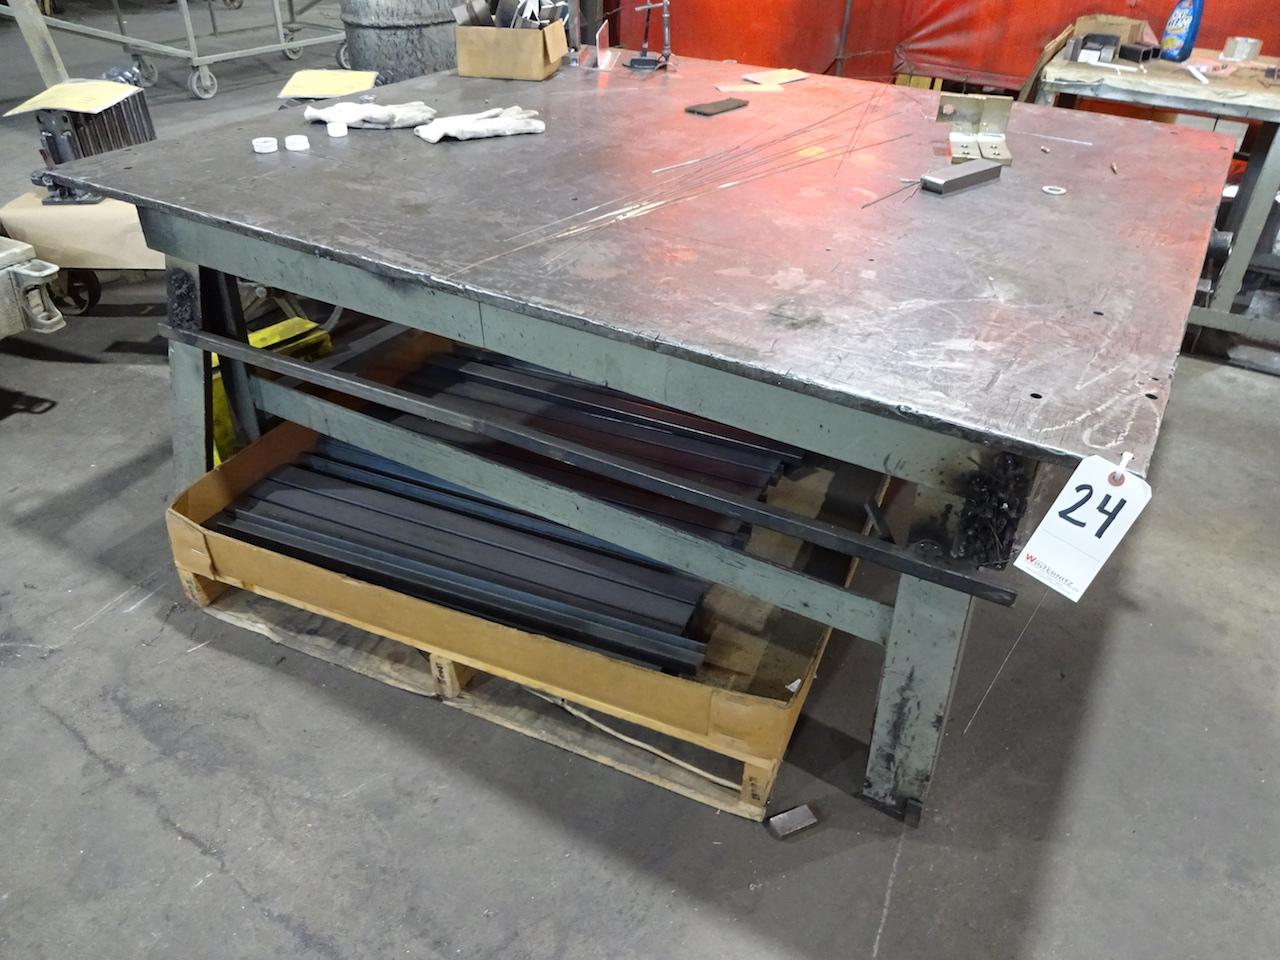 Lot 24 - 68 in. x 62 in. Heavy Duty Steel Welding Table